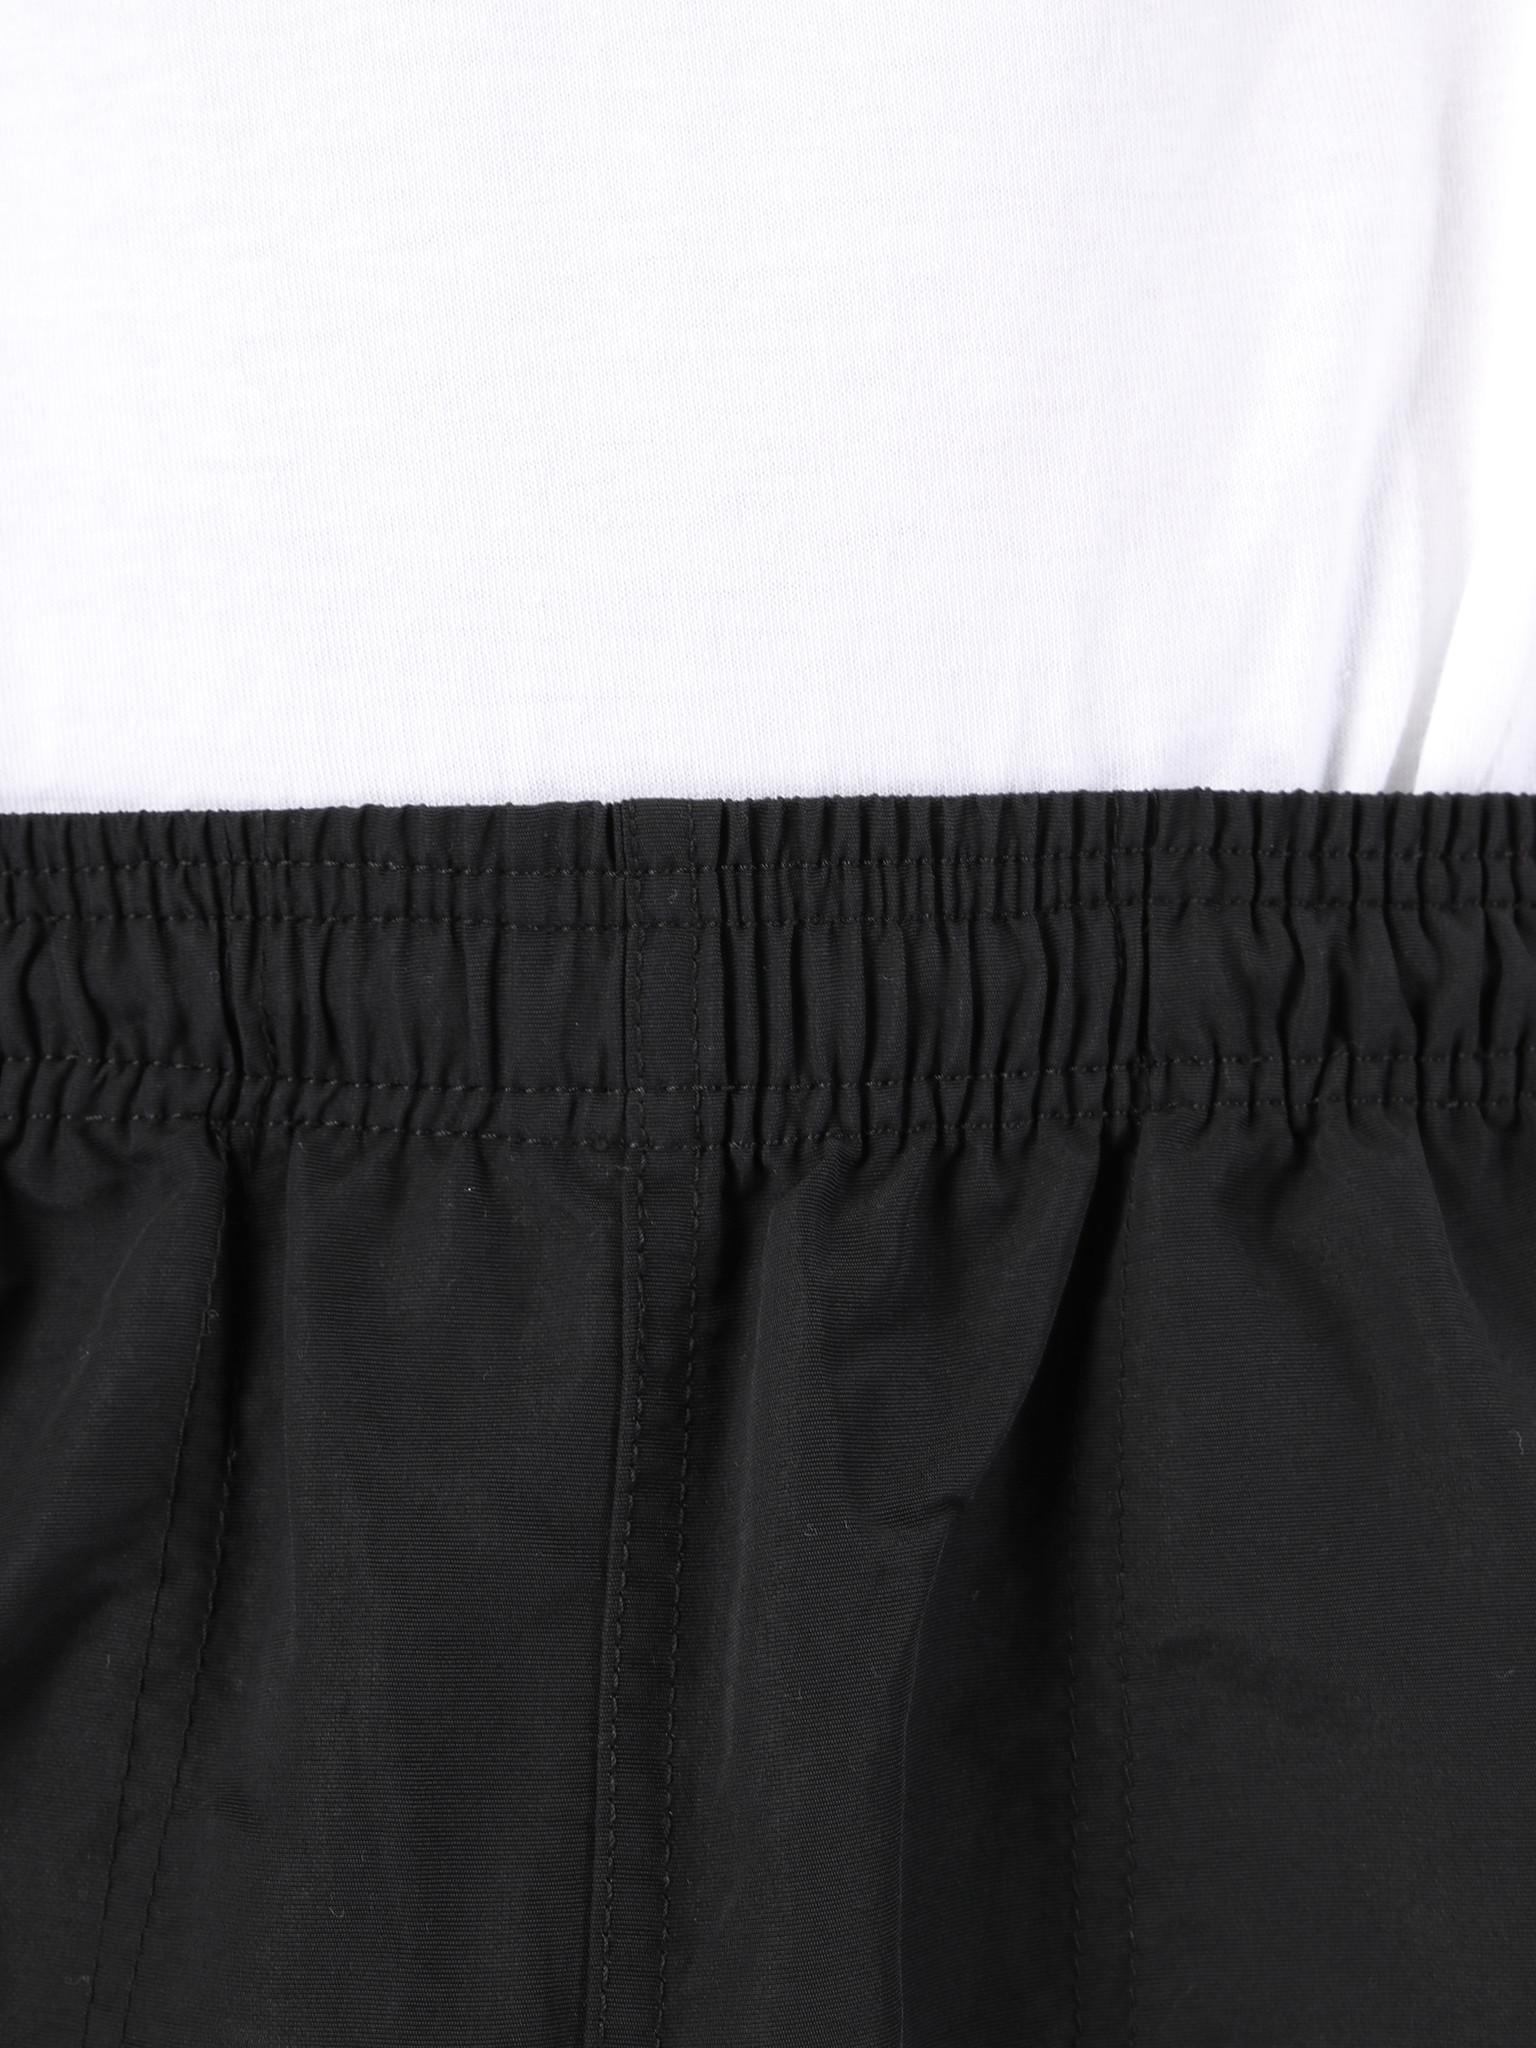 Stussy Stussy Taping Nylon Short Black 0001